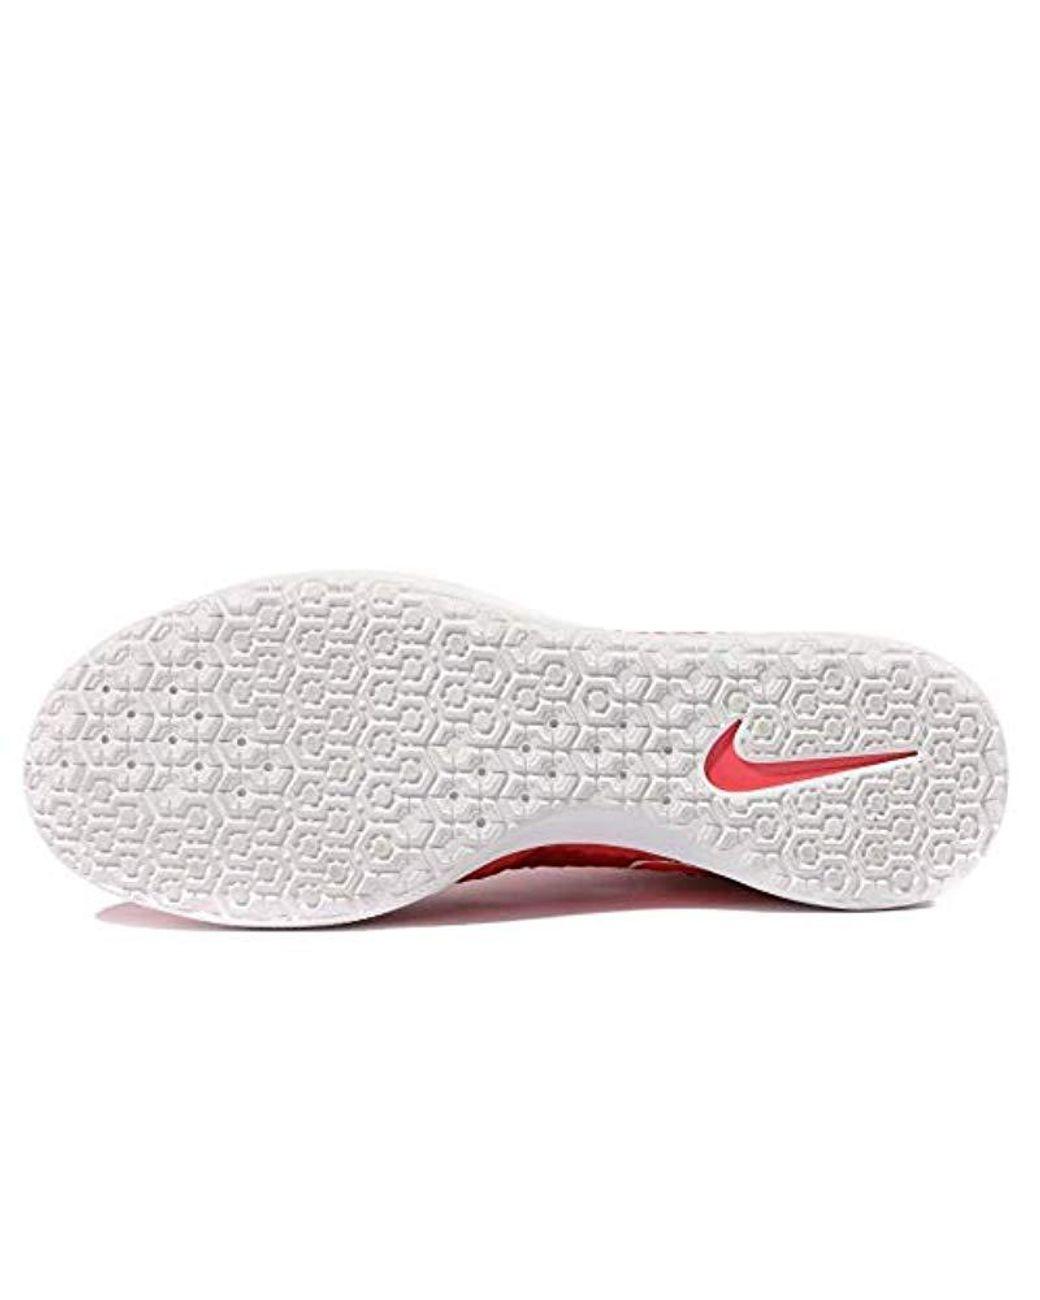 nike mercurialx proximo ic camo, Nike PSG Trikot Away